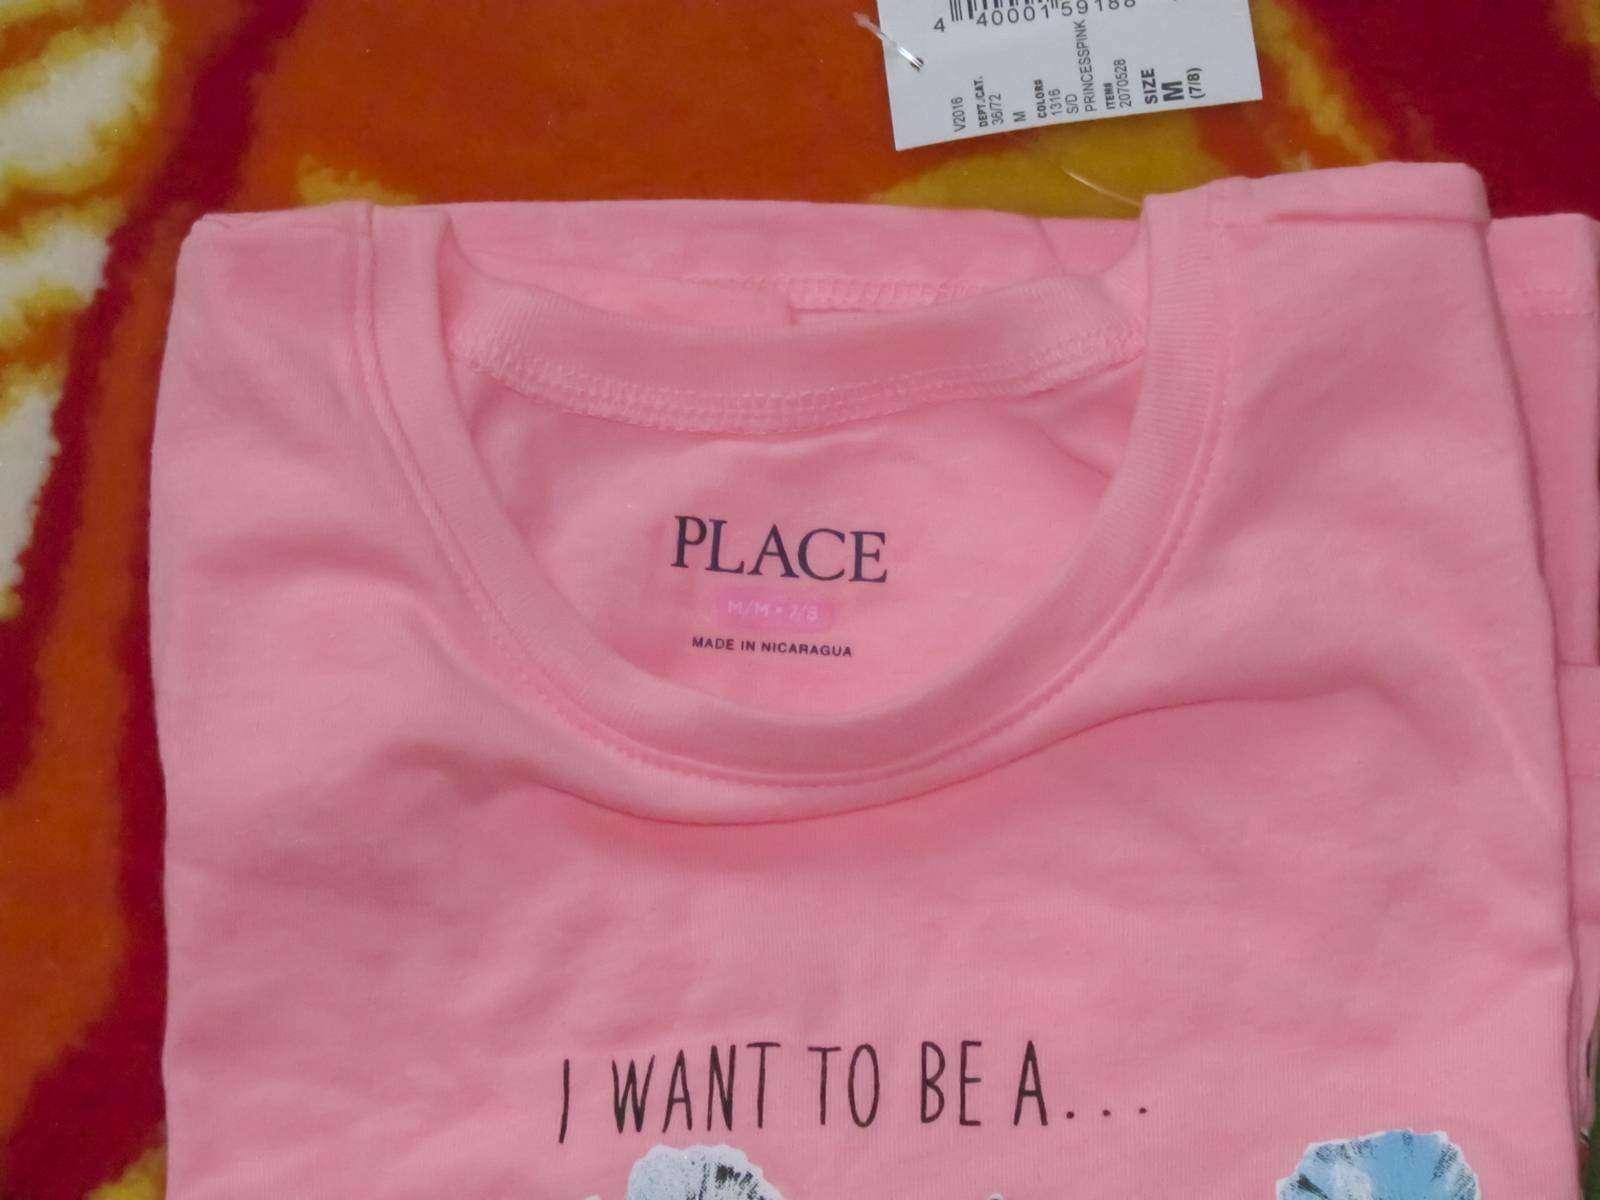 Childrens Place: Футболка с длинным рукавом для девочек - Я хочу быть...